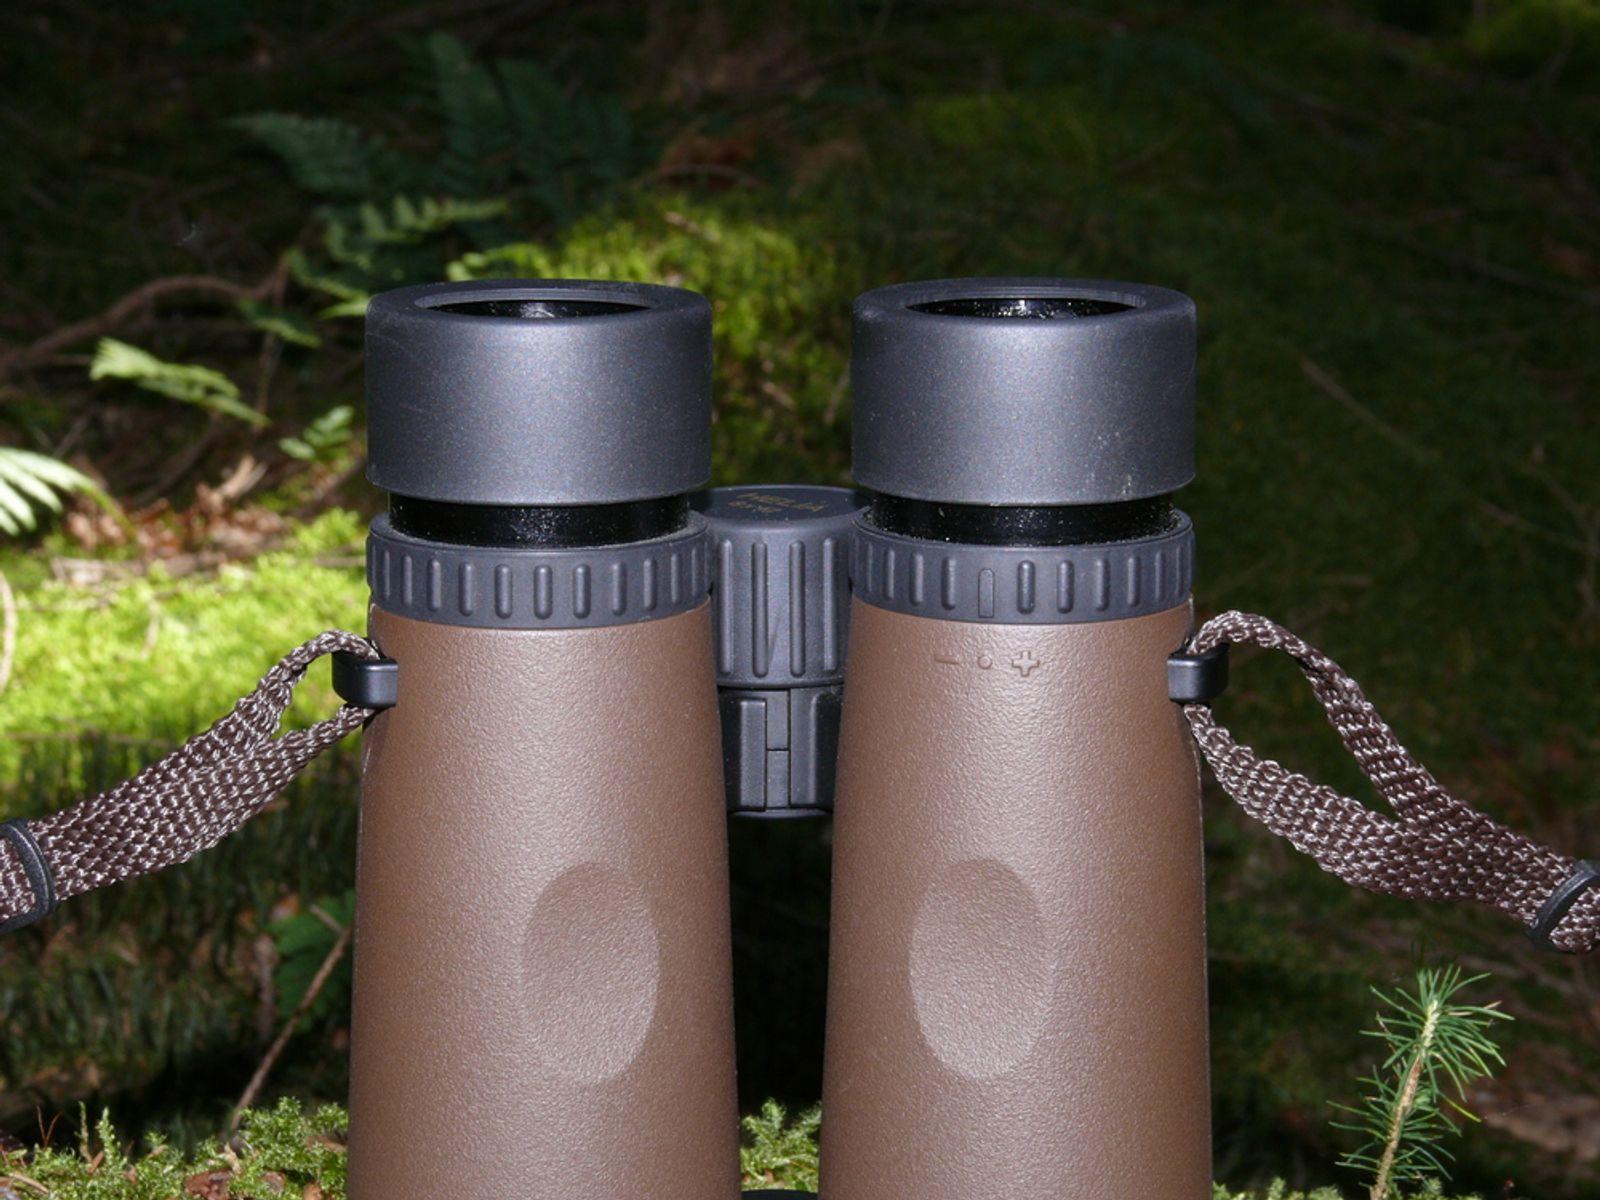 Kahles Fernglas Mit Entfernungsmesser : Kahles helia ein fernglas von jägern für jäger youtube